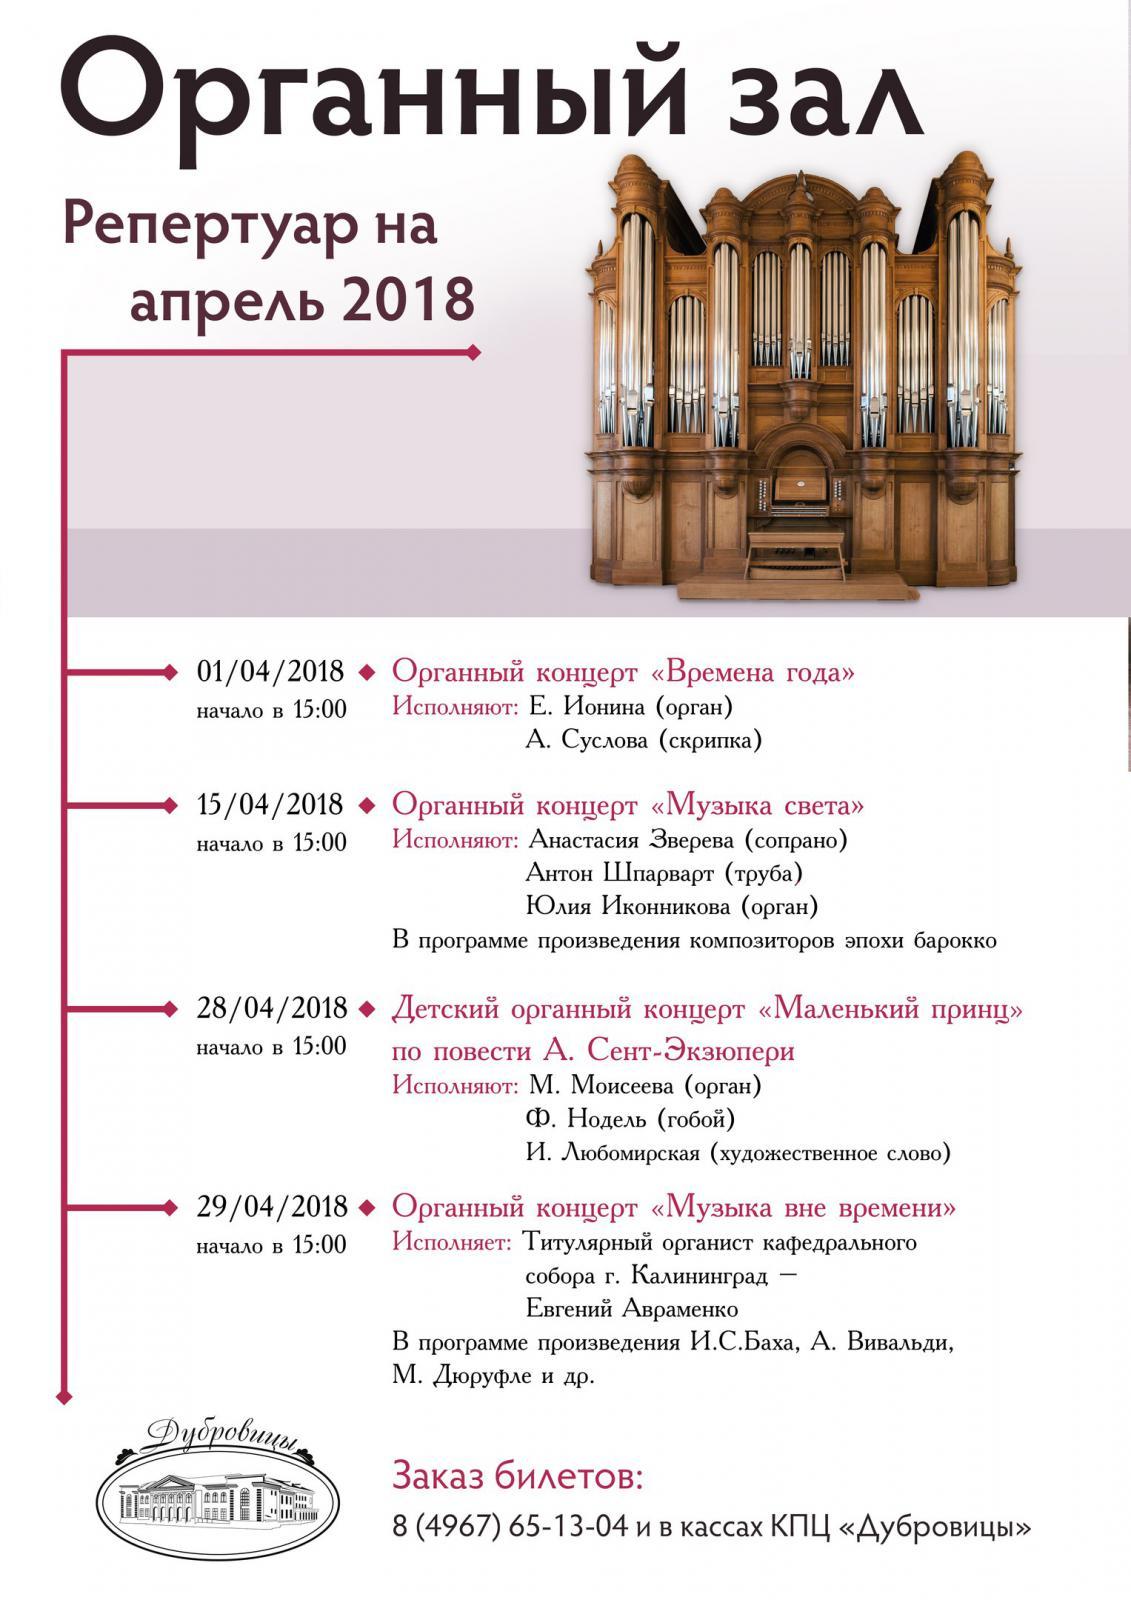 Погода на апрель 2018 в Москве и Московской области